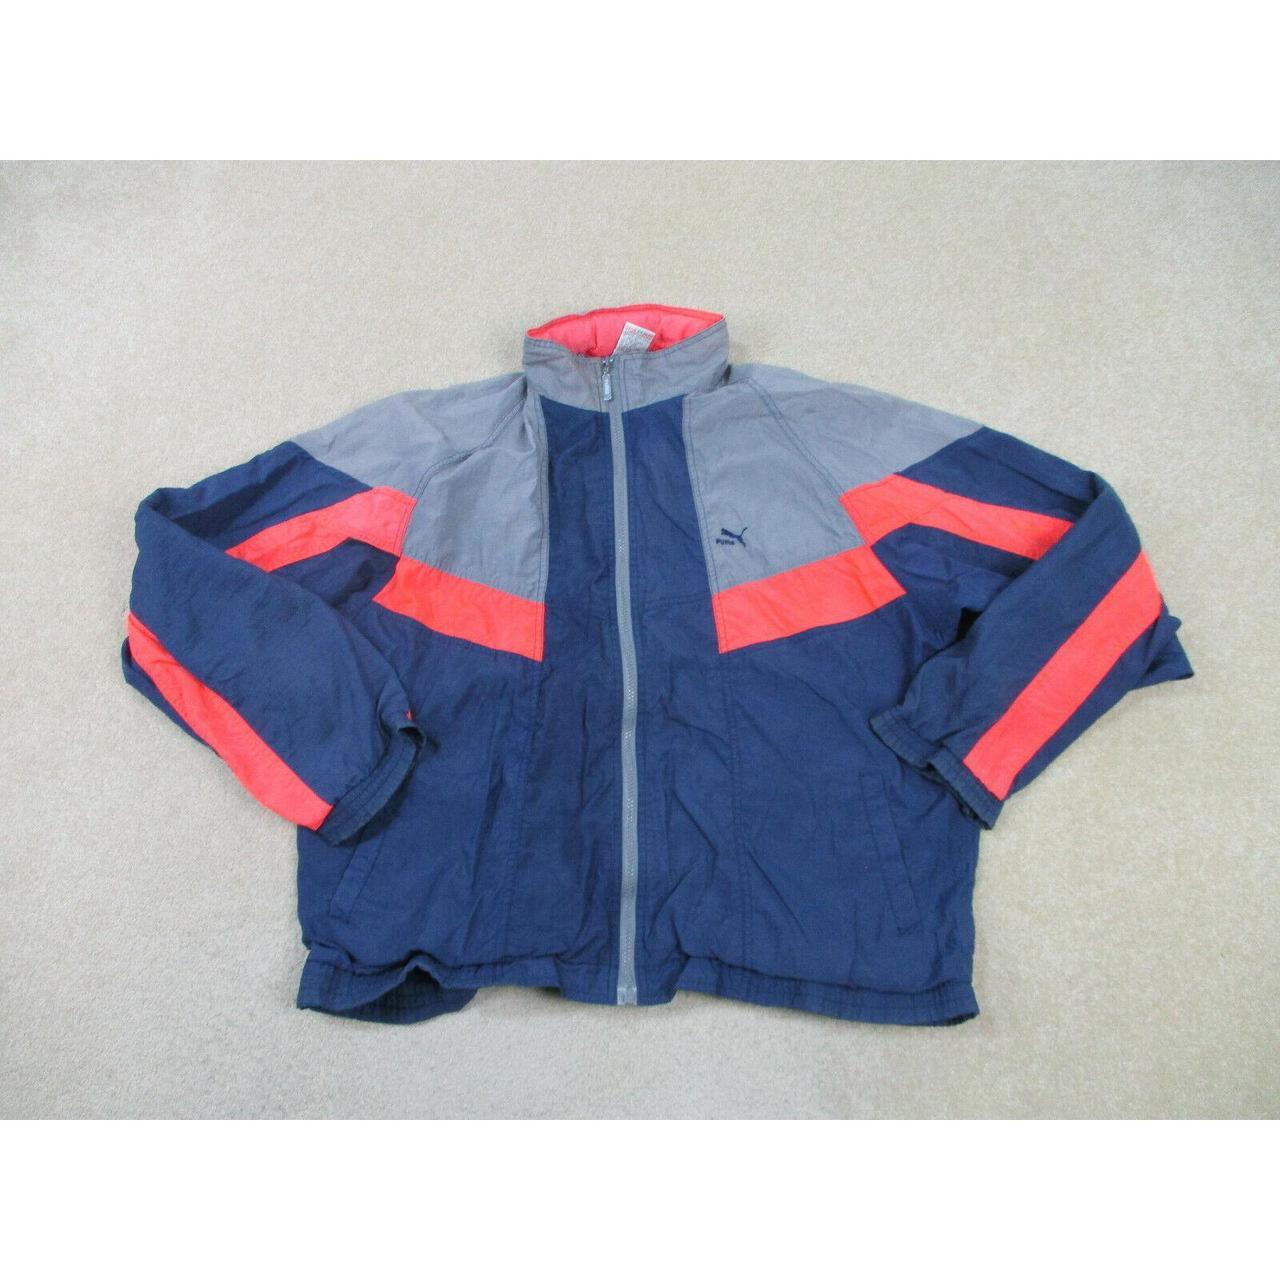 Product Image 1 - Puma Jacket Adult Large Blue